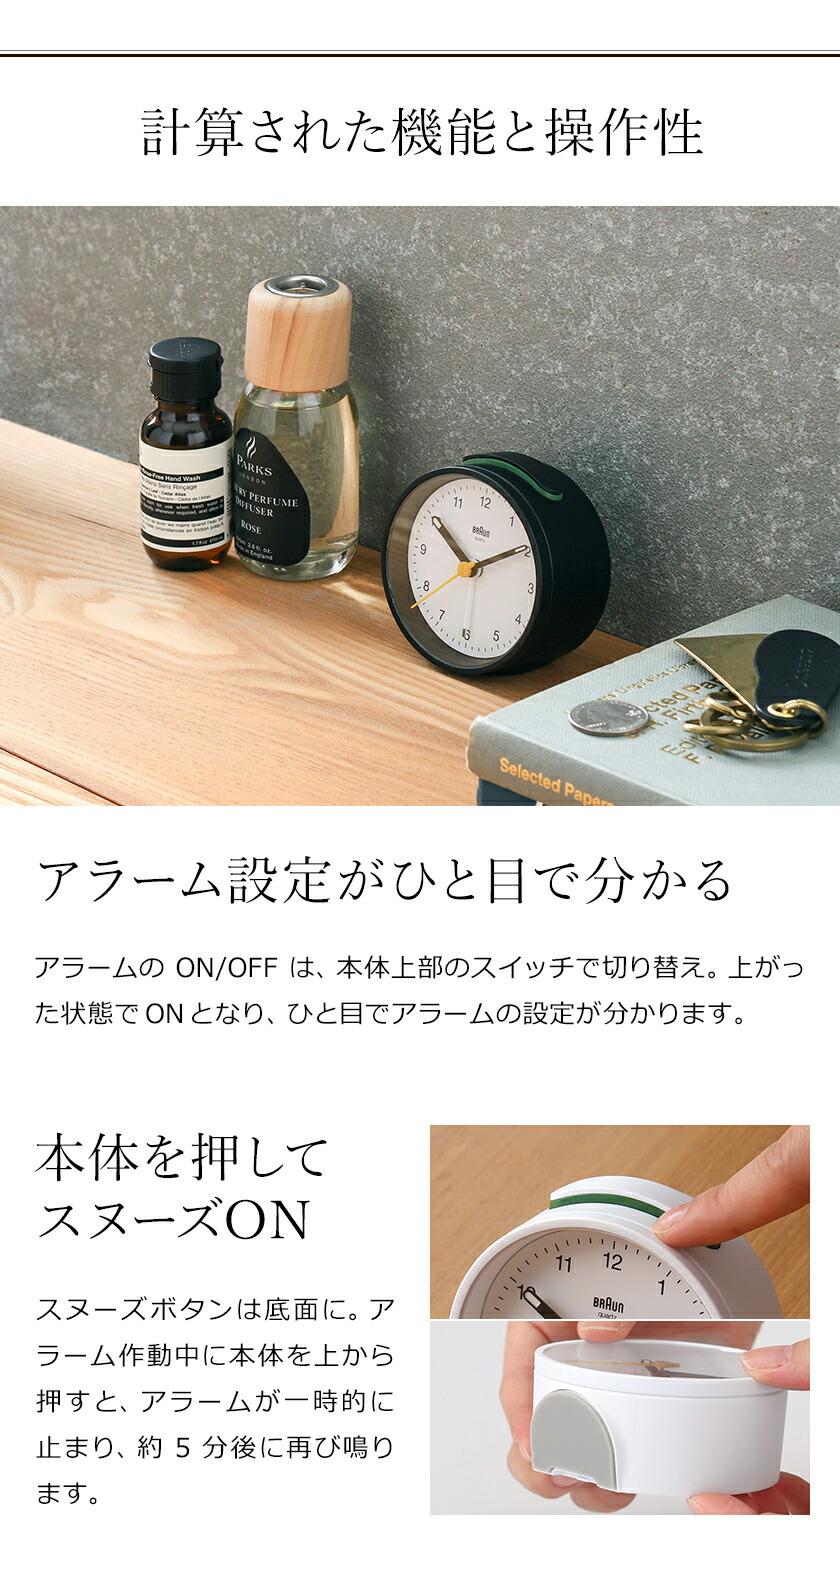 アラームとスヌーズ機能のあるBRAUNの置時計